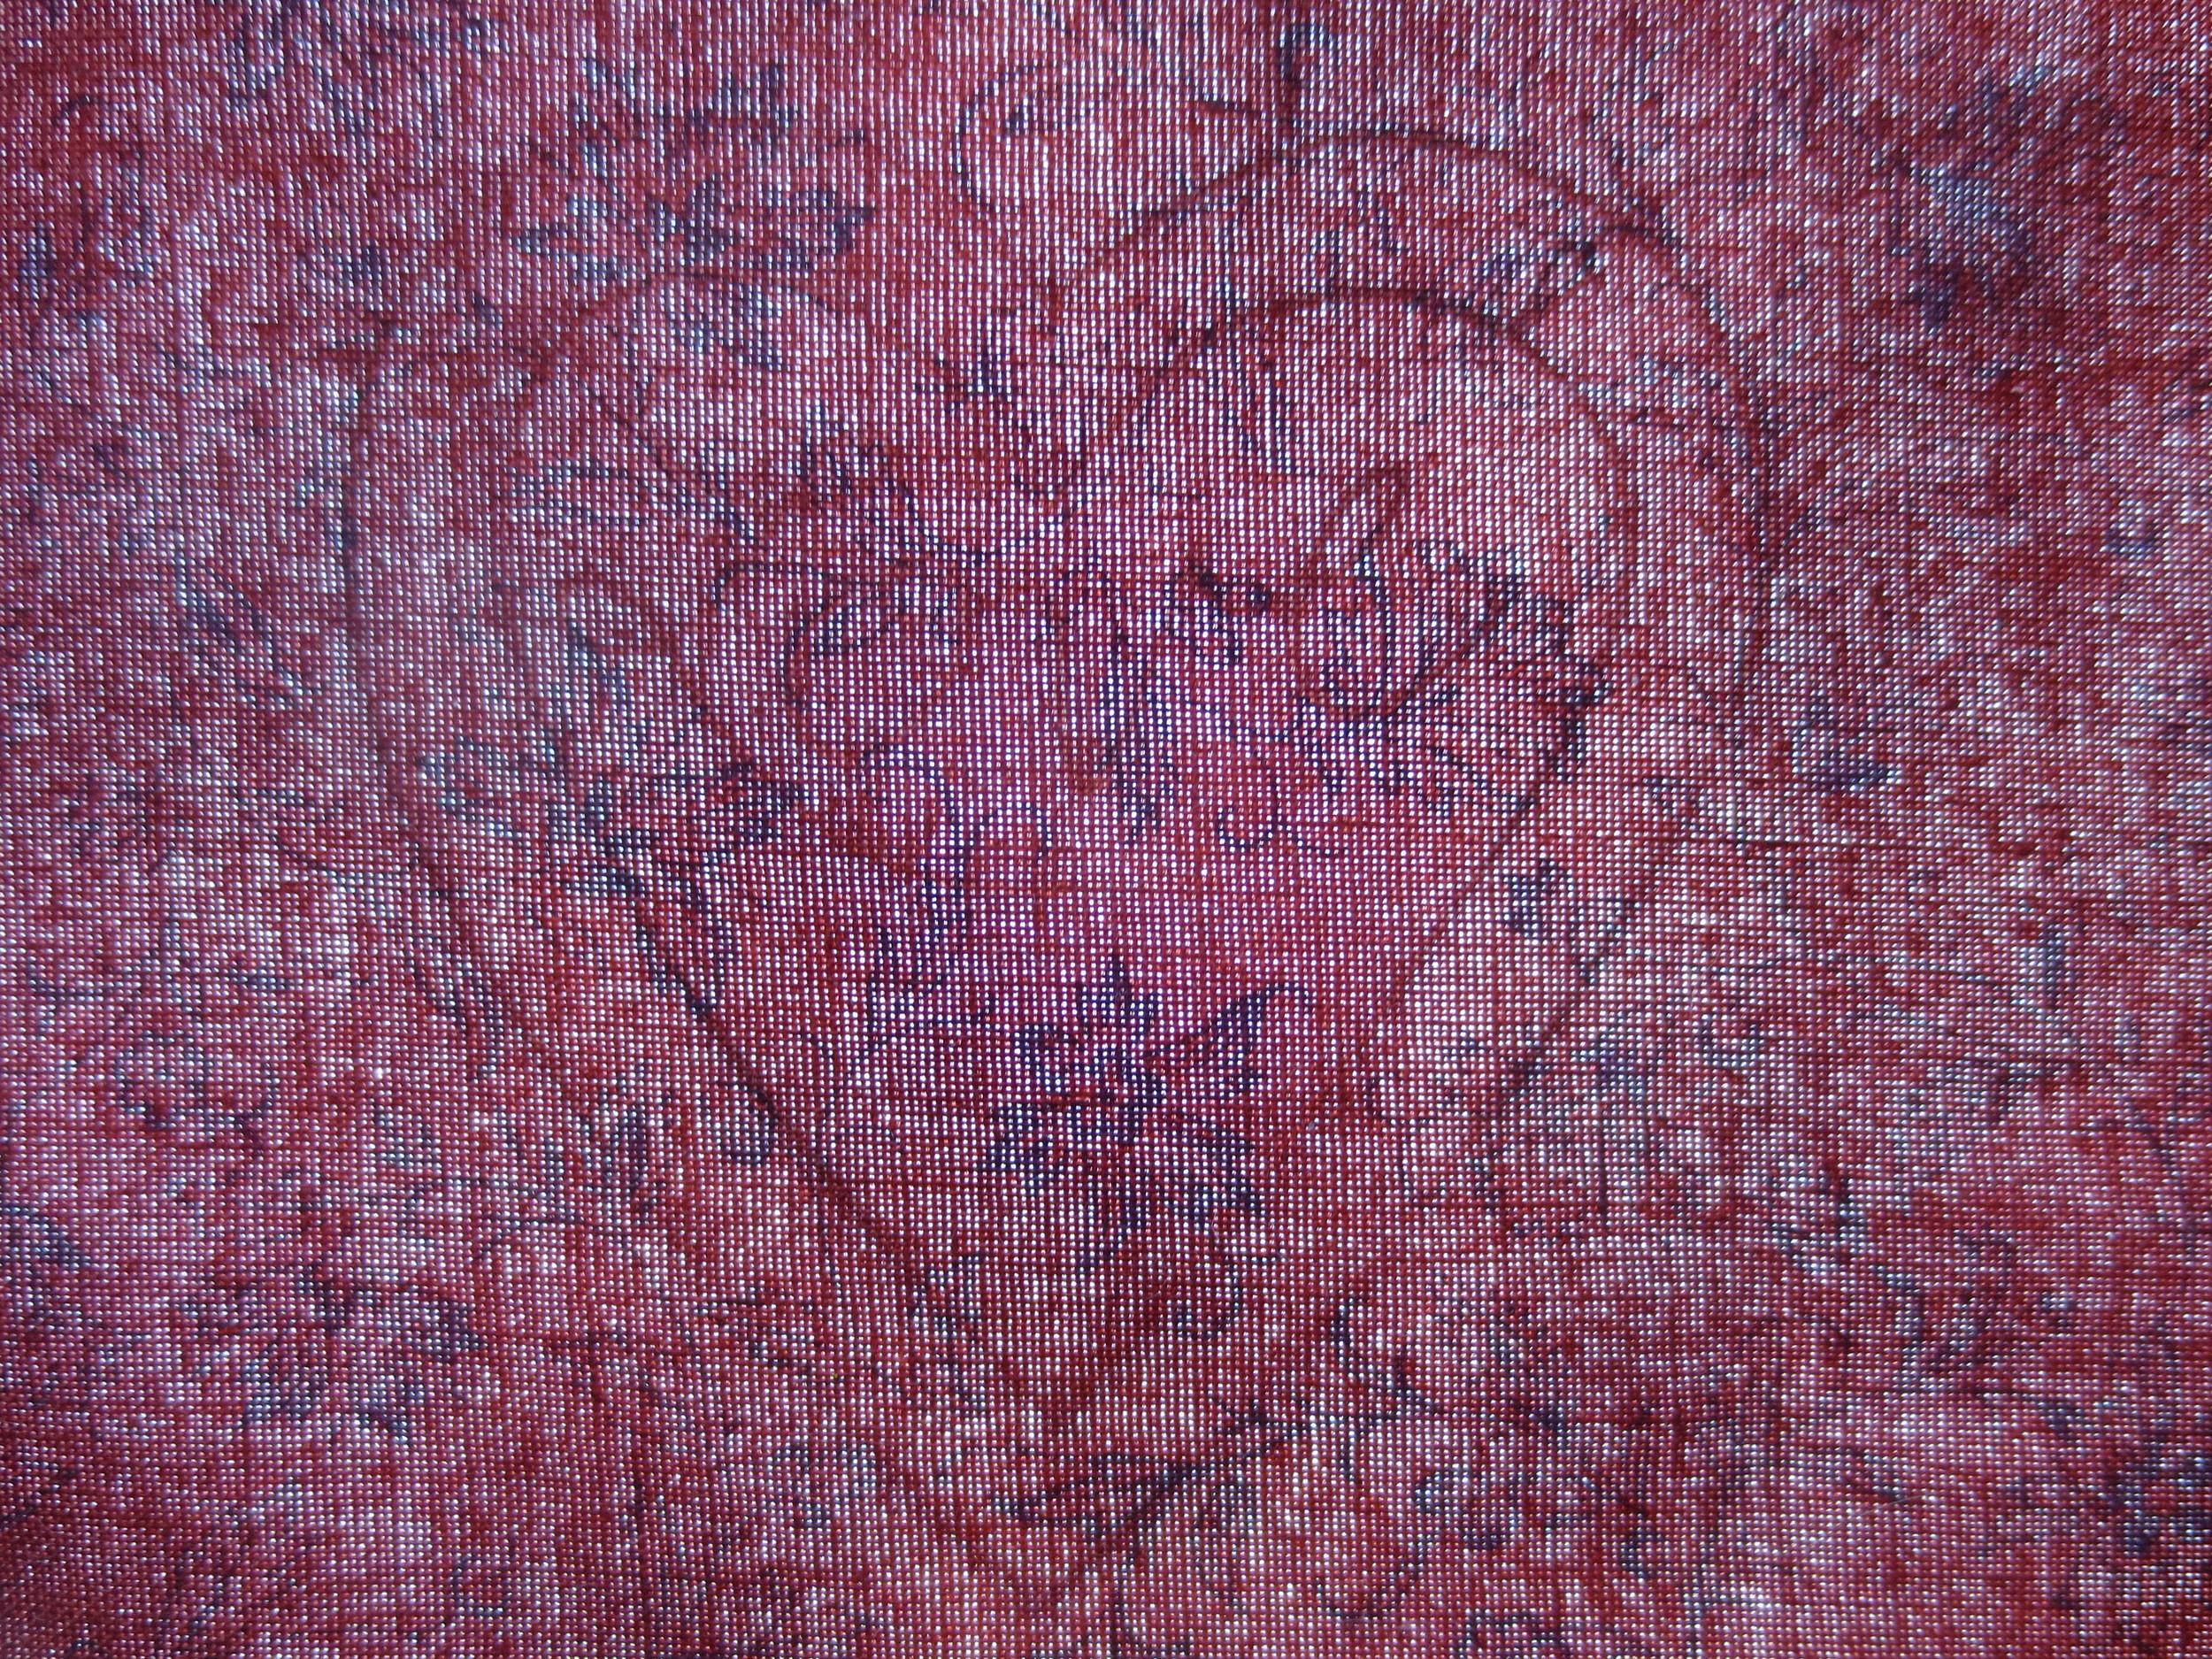 lightbox heart.jpg